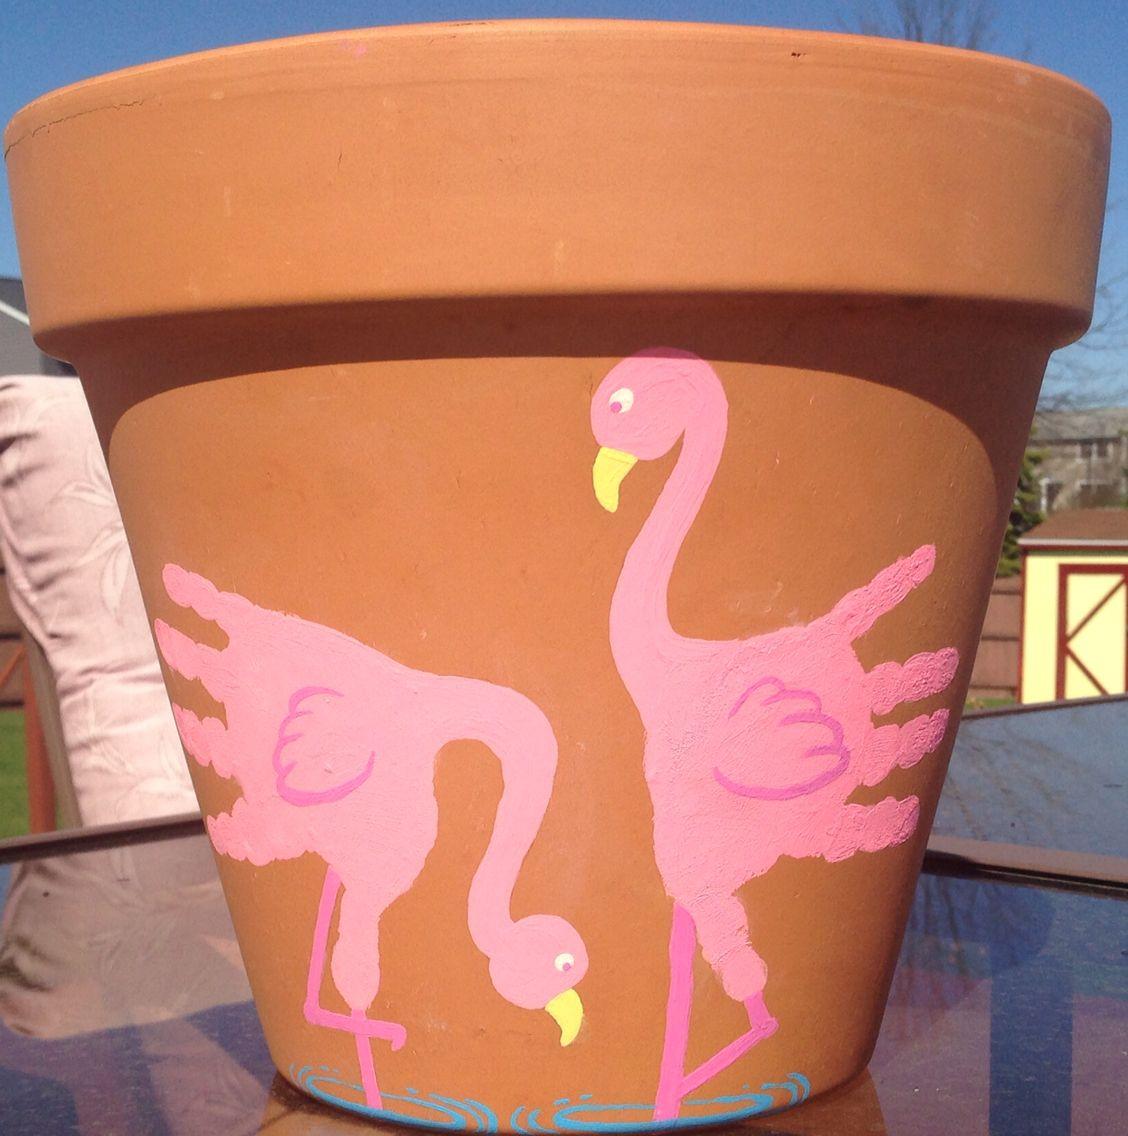 Kids Handprint Flamingo Flower Pot Craft Flower Pot Crafts Kids Flower Pot Crafts Mothers Day Crafts